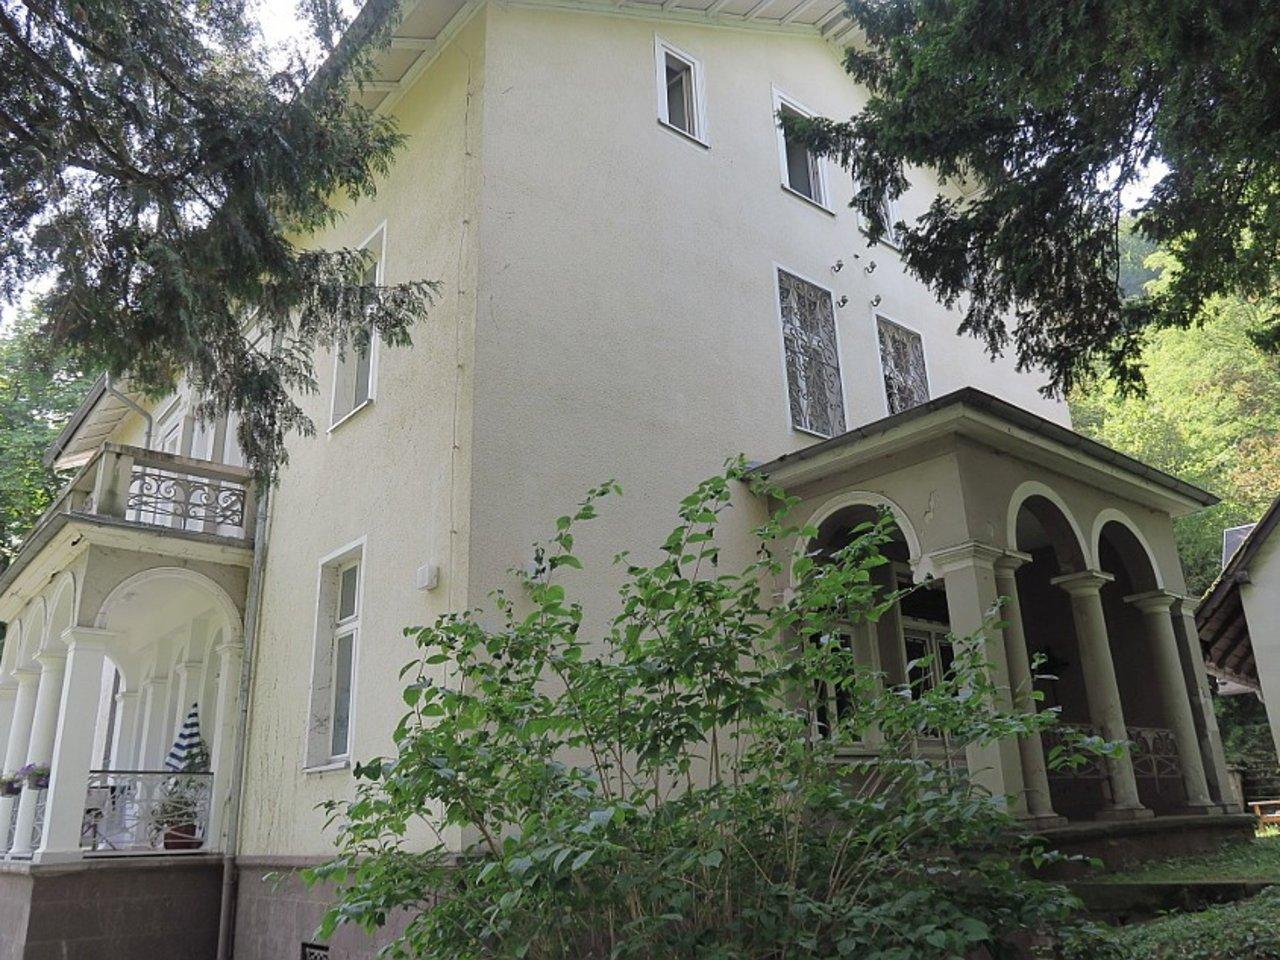 Familienfreundliche Wohnung am südlichen Stadtrand mit parkähnlichem Grundstück-Hauseingang